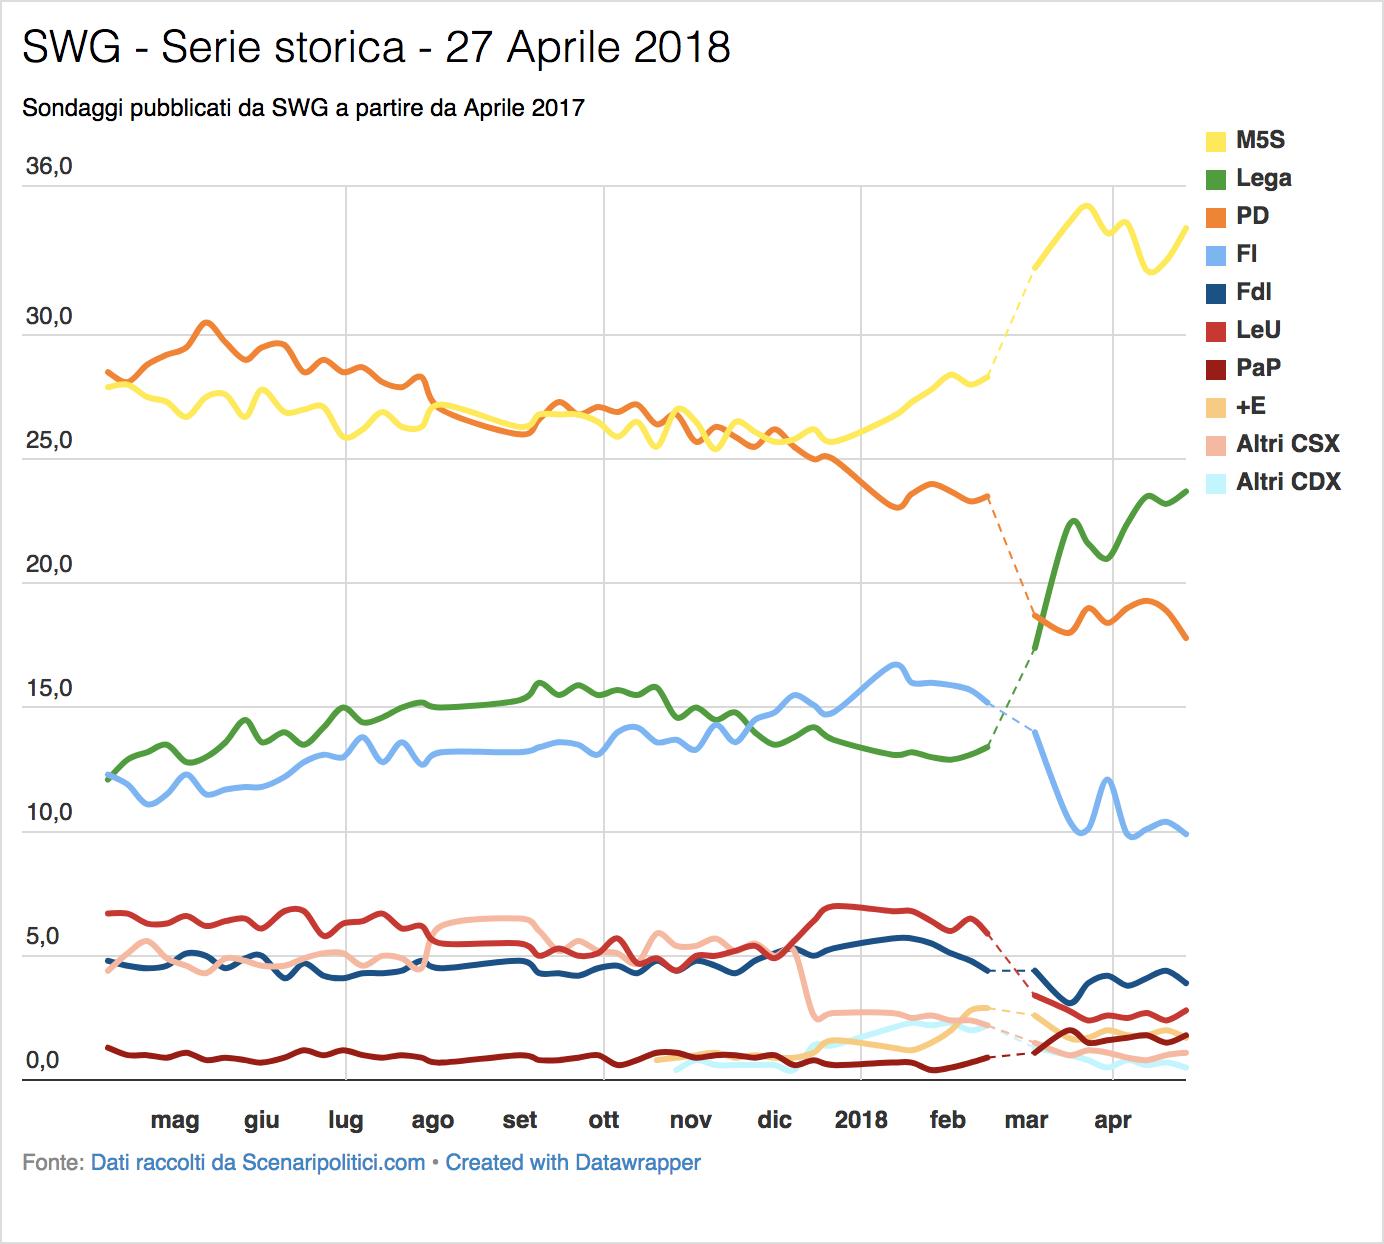 Sondaggio SWG (27 Aprile 2018)